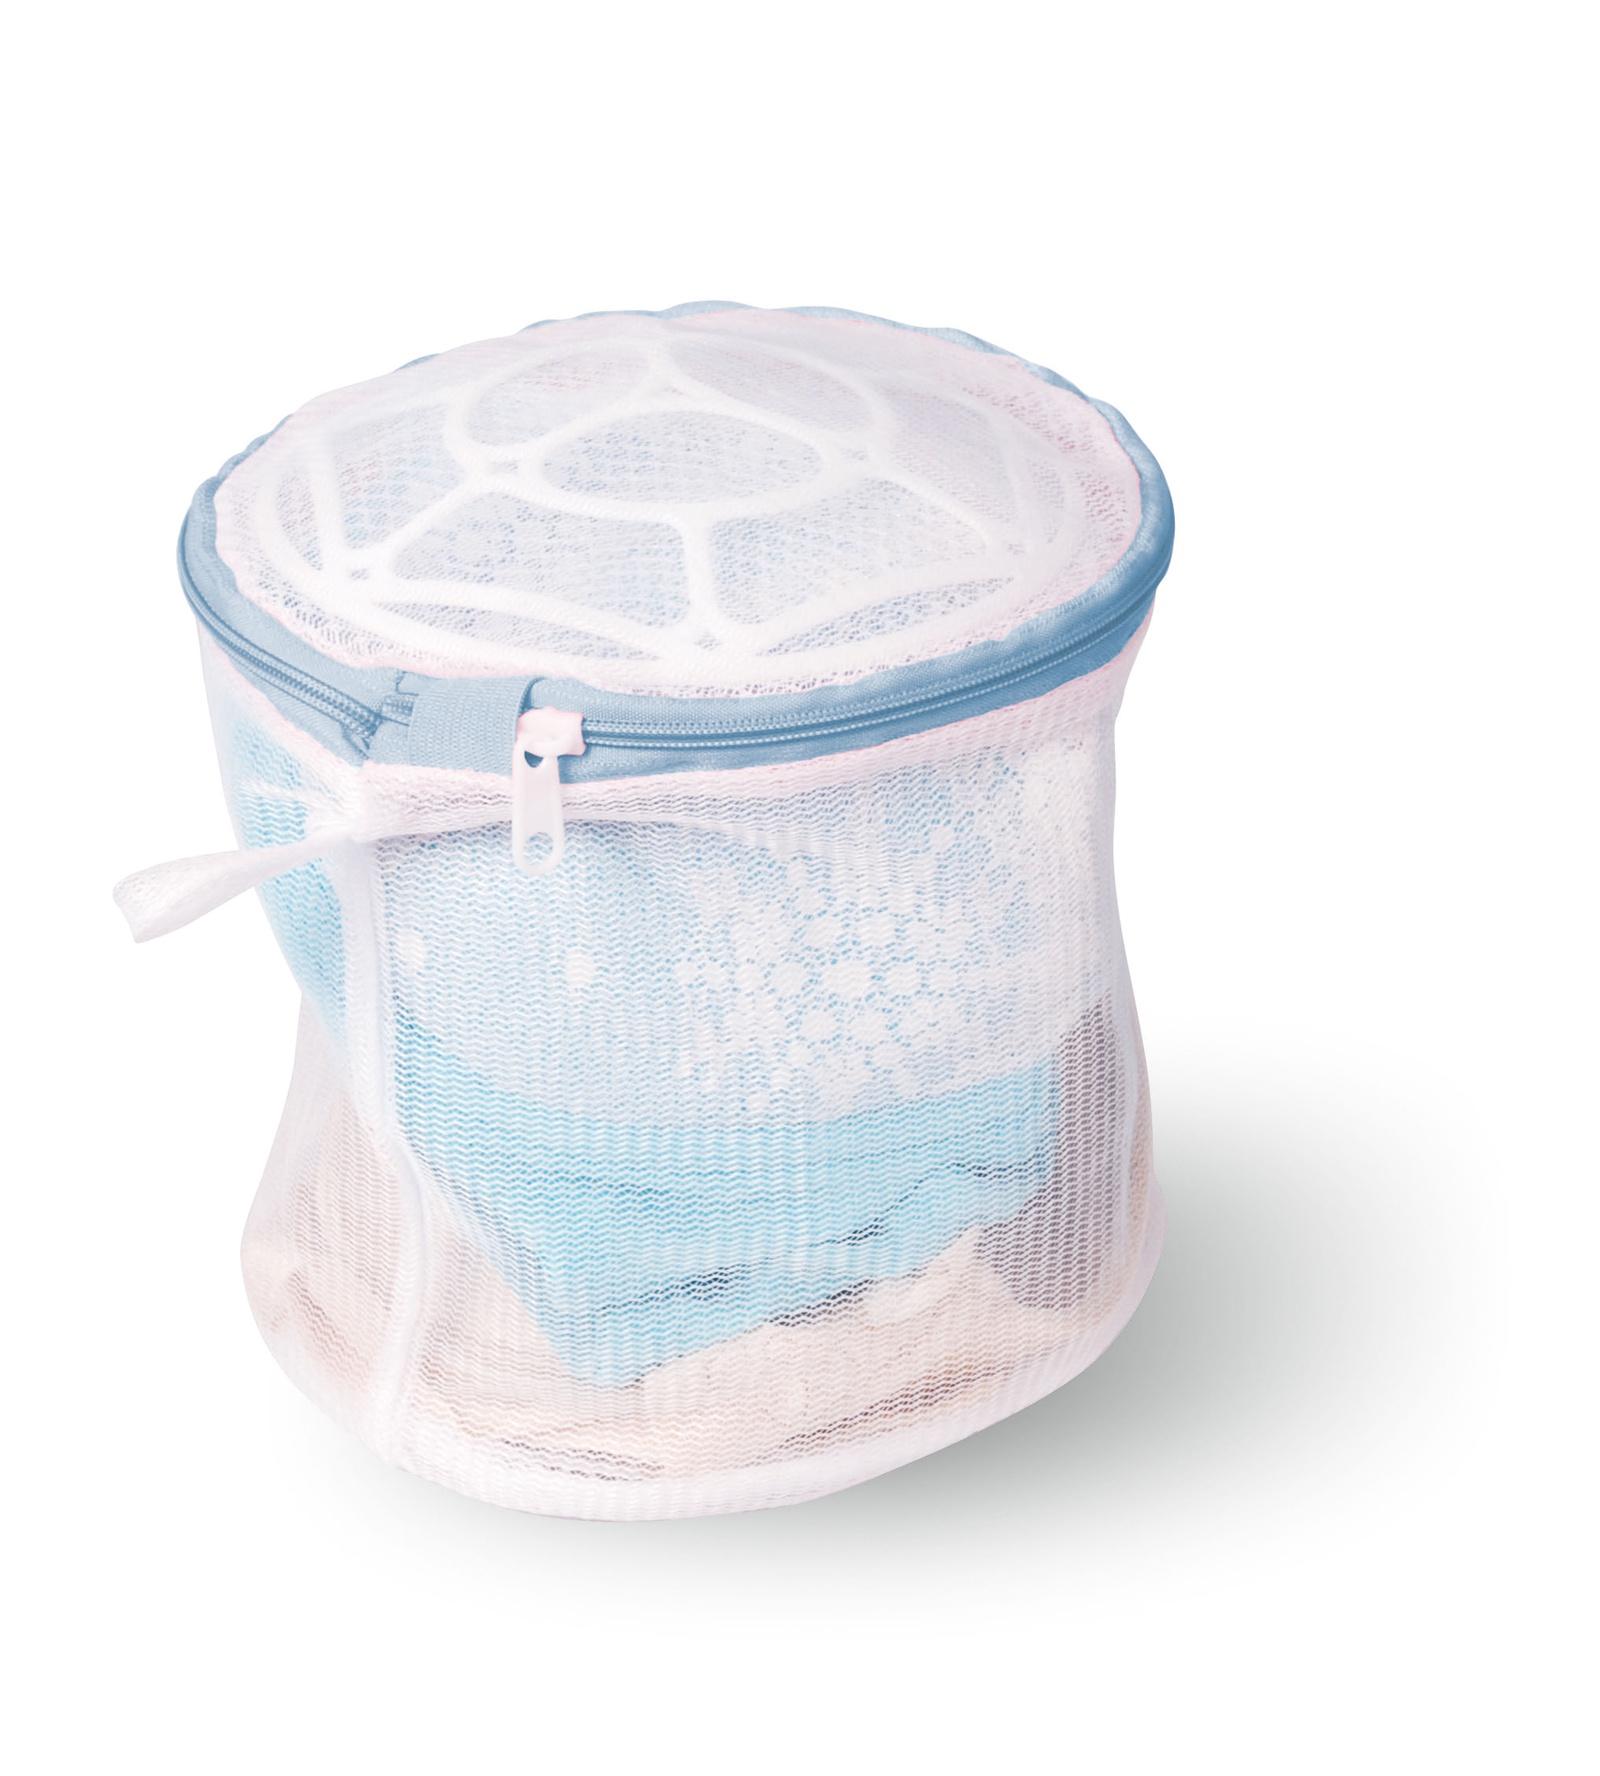 Мешок для стирки BELLACASA Мешок-сетка для деликатной стирки, белый аксессуар мешок сетка для деликатной стирки top house 50x70cm 4660003391817